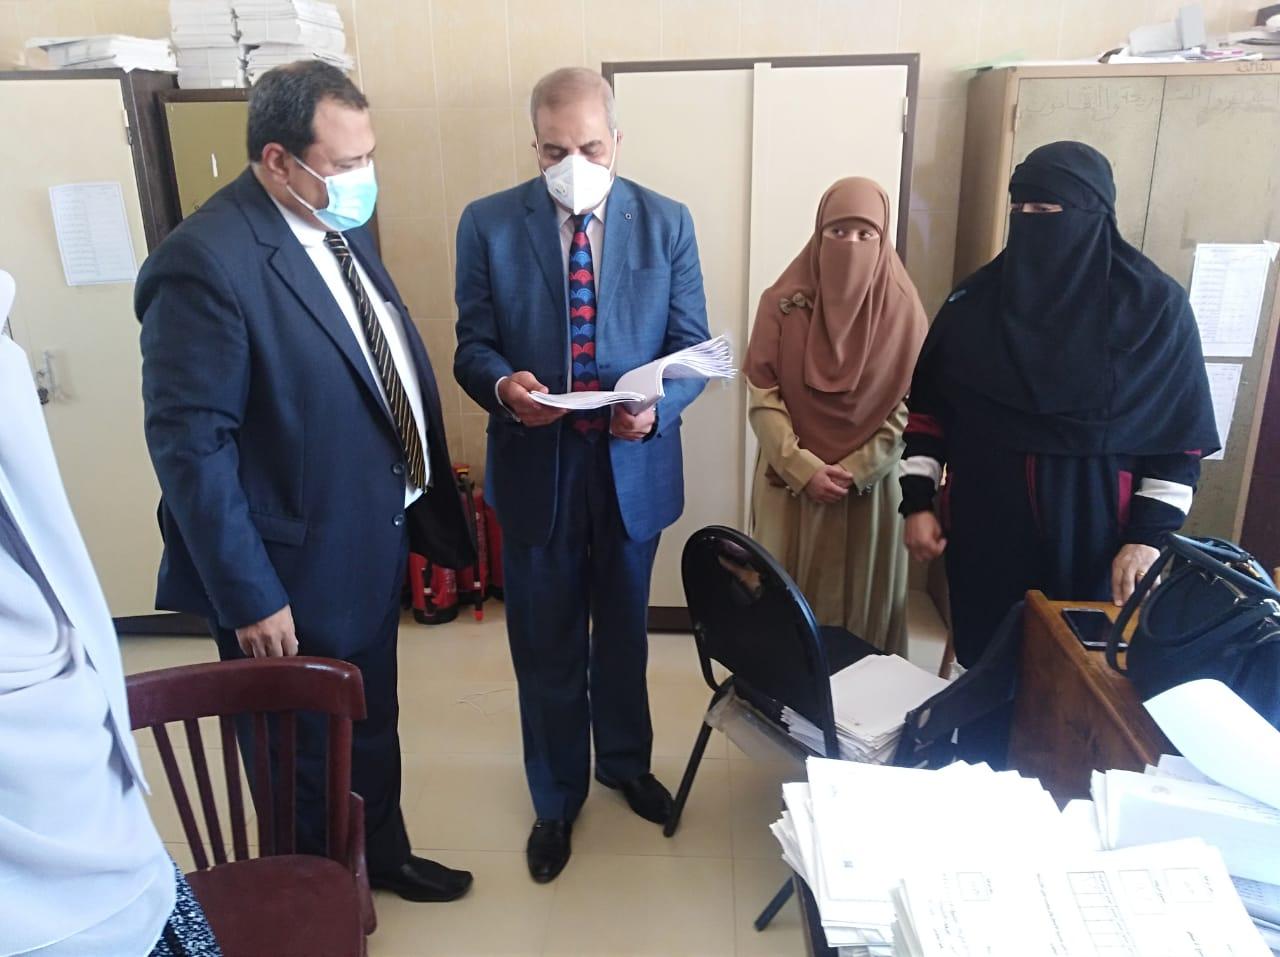 رئيس جامعة الأزهر يتفقد فصول الدراسات الإسلامية بمحافظة الفيوم ويتابع سير العمل بالكنترولات